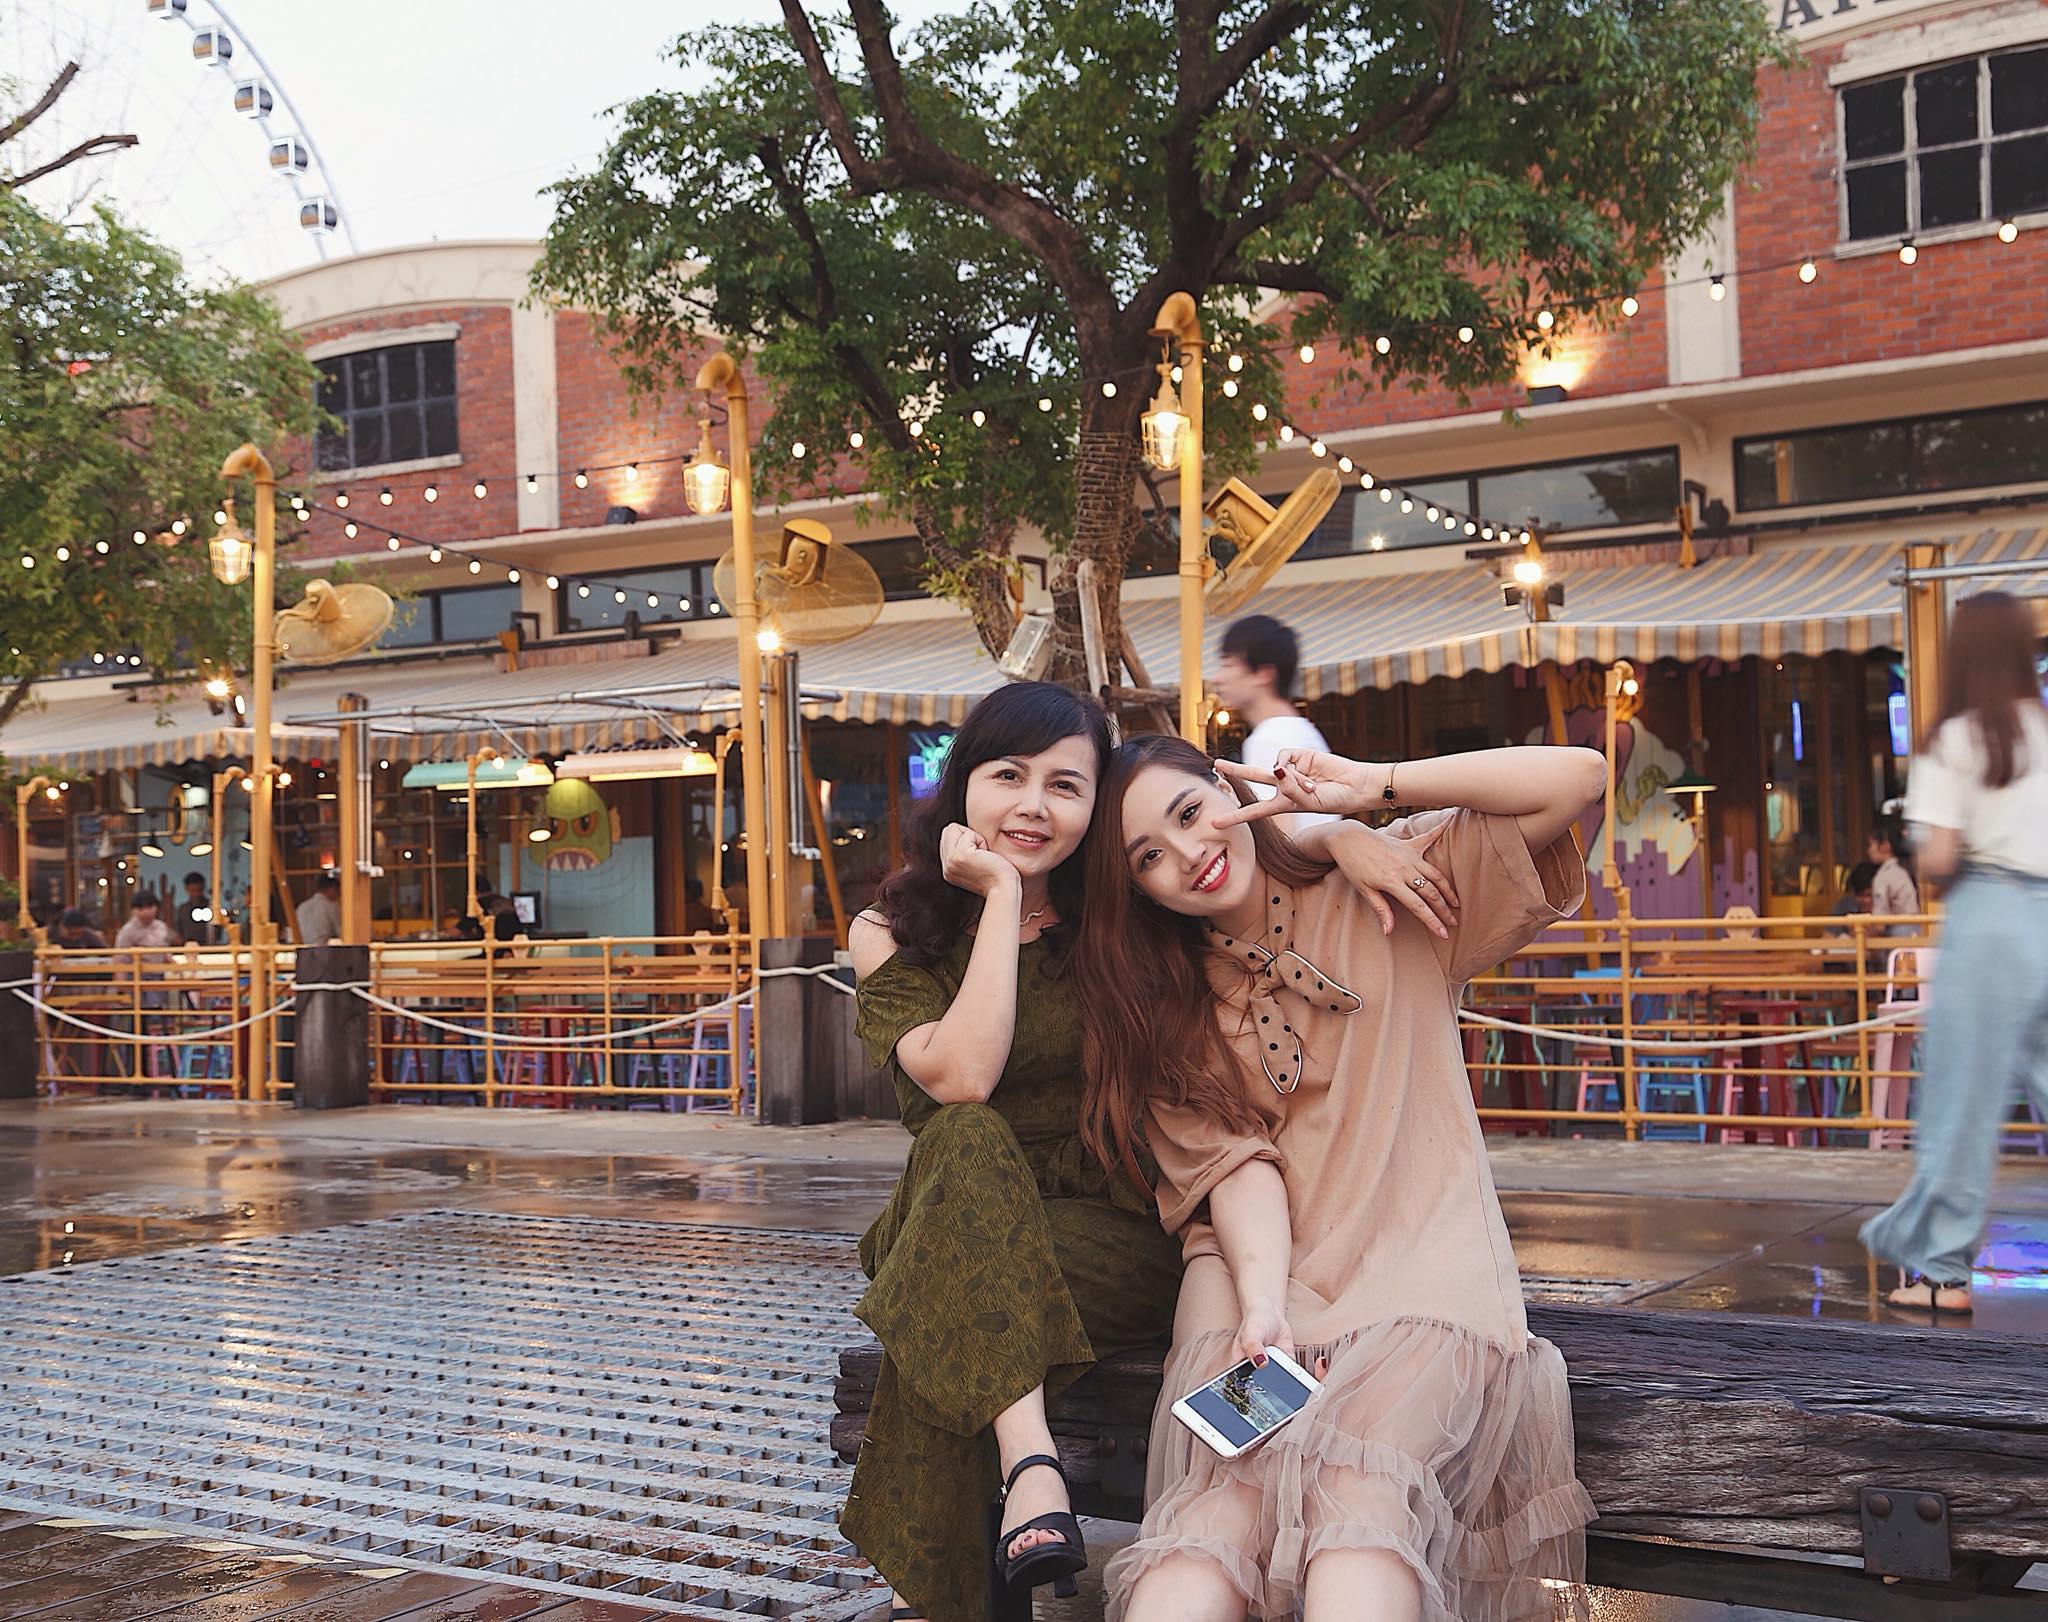 Xem bộ ảnh 9x đưa mẹ vi vu Thái Lan mới thấy mẹ cũng thích đi, thích sống ảo như ai! - Ảnh 7.